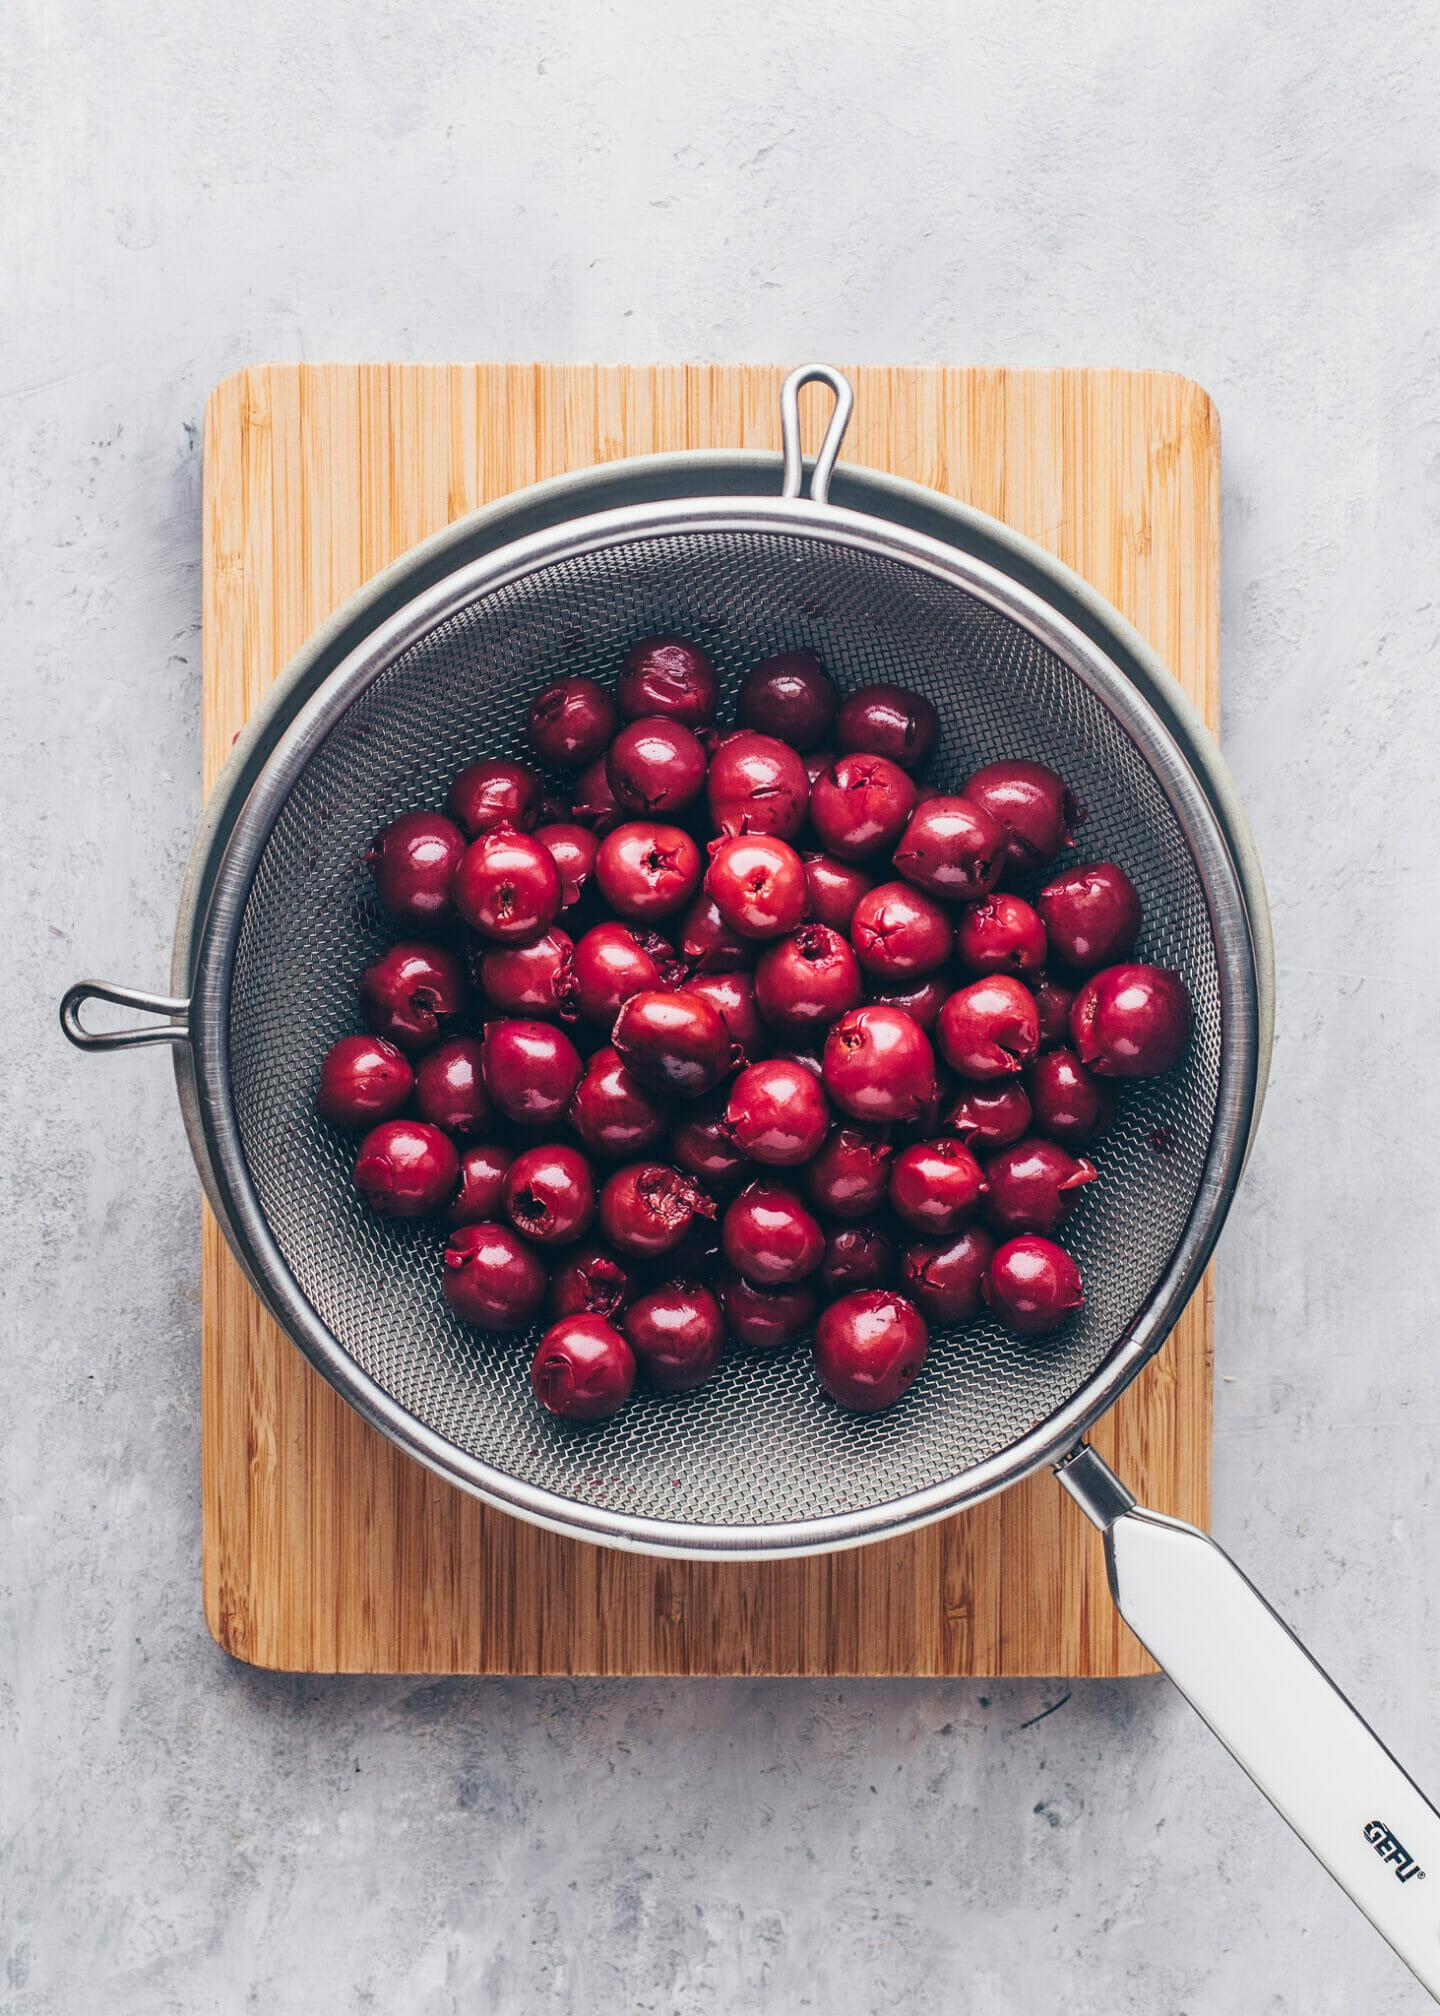 drained cherries